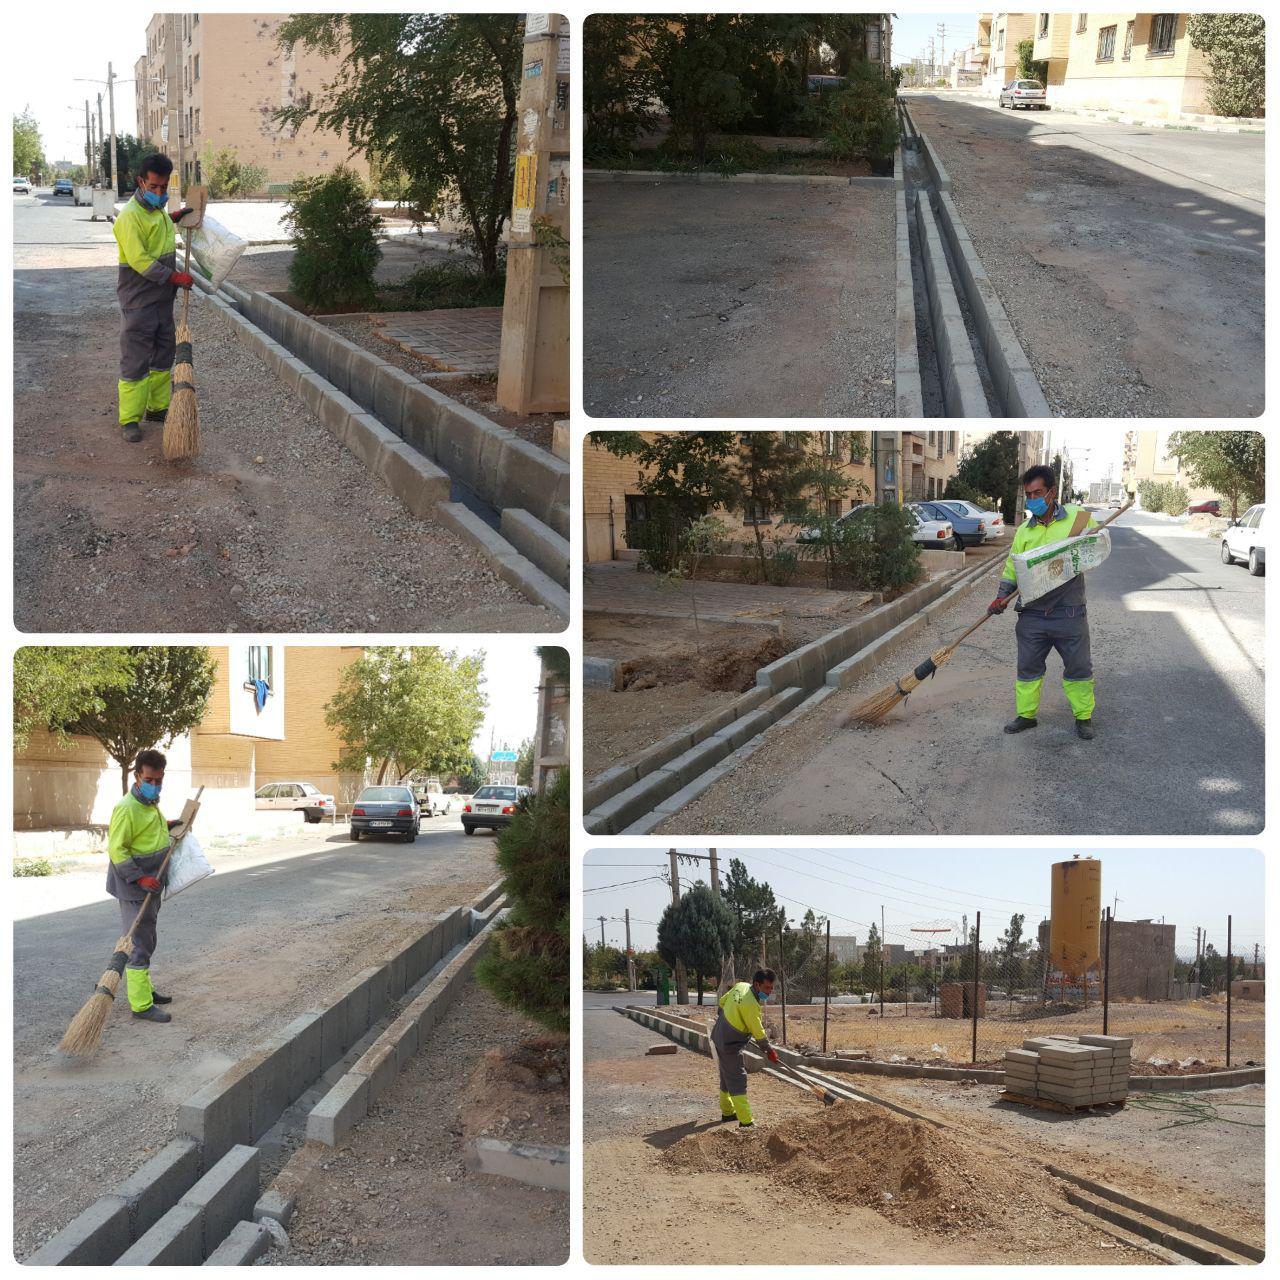 اتمام پروژه اصلاح انهار جهت جلوگیری از آبگرفتگی در خیابان آراد شهر پرند